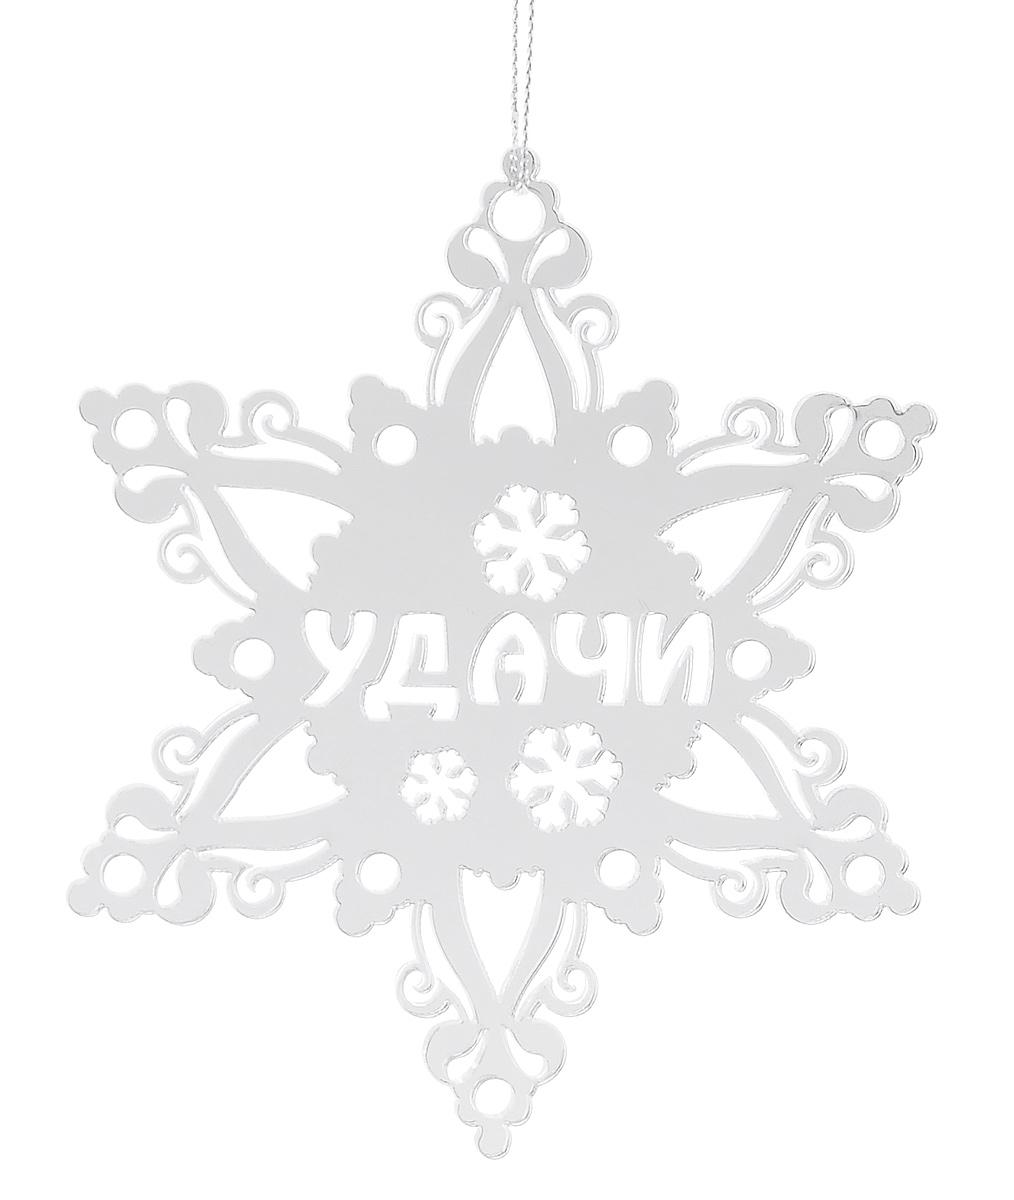 Новогоднее подвесное украшение Sima-land Удачи185496Подвесное украшение Sima-land Удачи, выполненное из акрила, прекрасно подойдет для праздничного декора вашей ели. Изделие оснащено зеркальной поверхностью и специальной текстильной петелькой, благодаря которой его можно повесить в любом понравившемся вам месте. Но удачнее всего такая игрушка будет смотреться на праздничной елке. Елочная игрушка - символ Нового года и Рождества. Она несет в себе волшебство и красоту праздника. Создайте в своем доме атмосферу веселья и радости, украшая новогоднюю елку нарядными игрушками, которые будут из года в год накапливать теплоту воспоминаний.